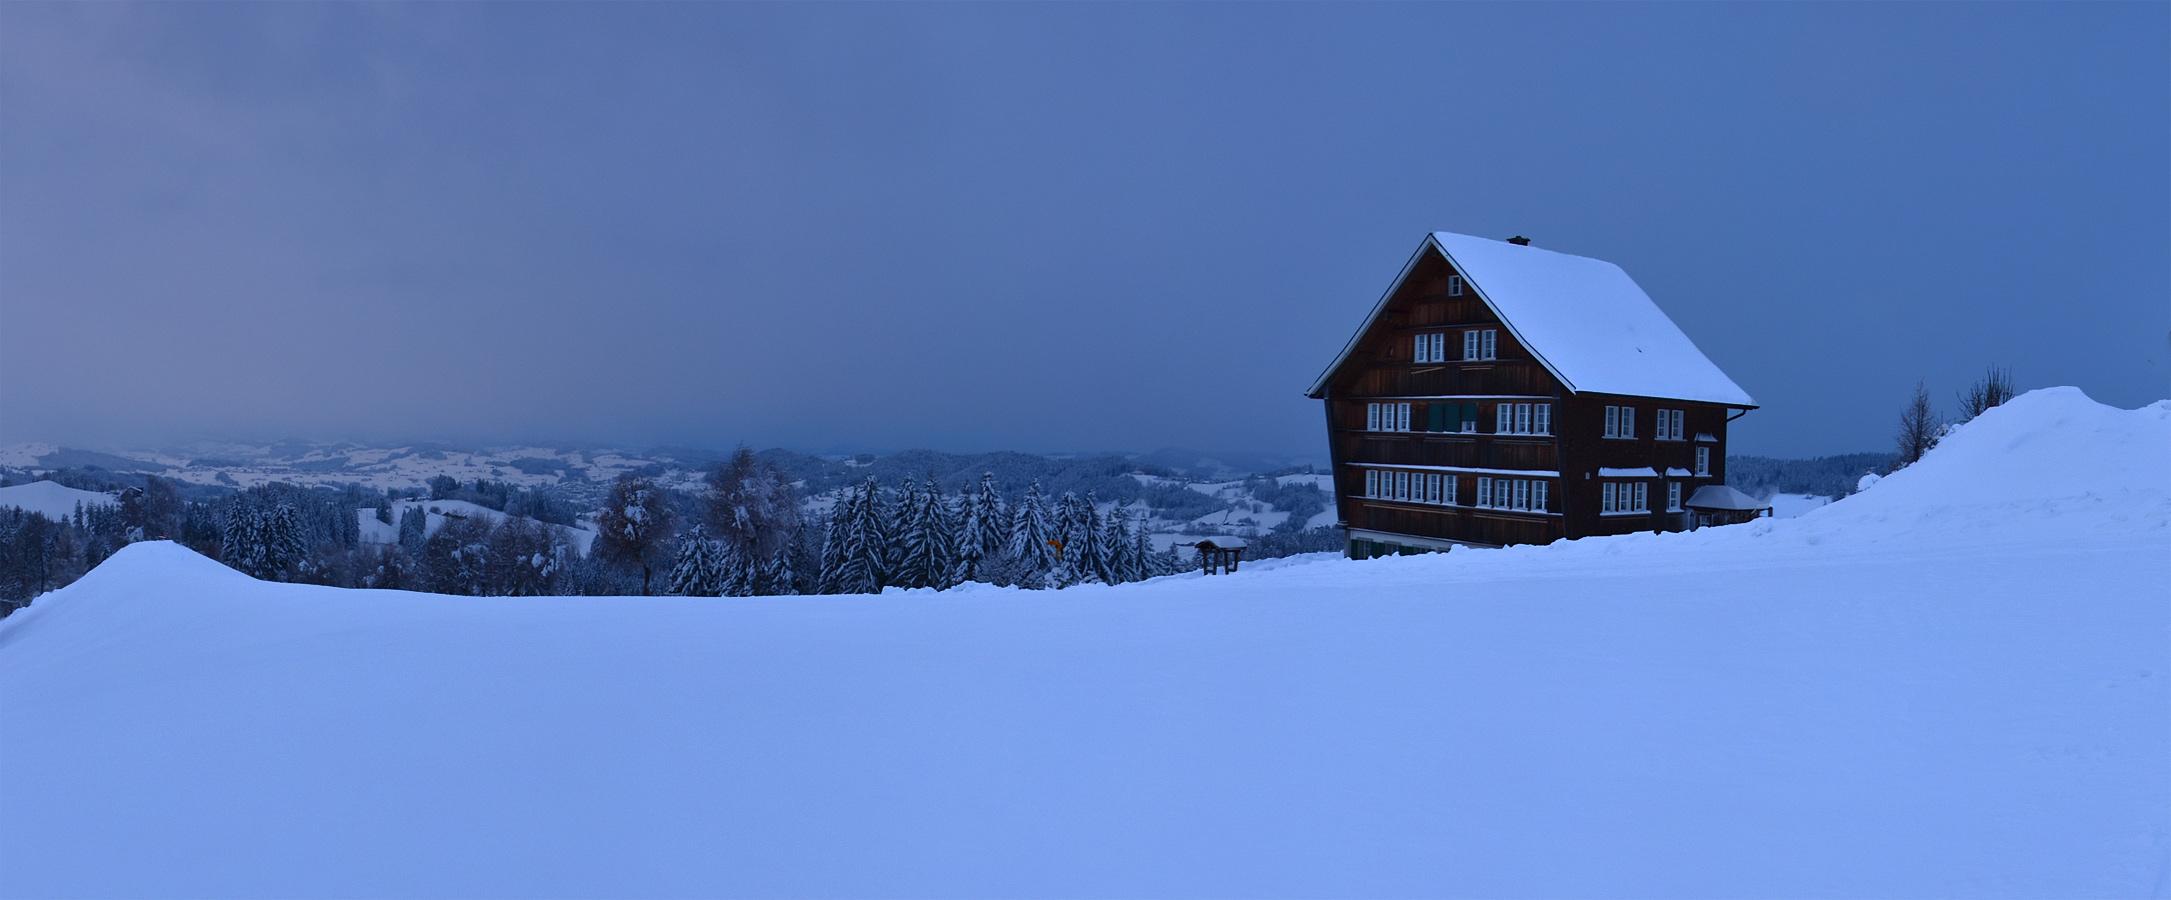 Winterliche Geborgenheit